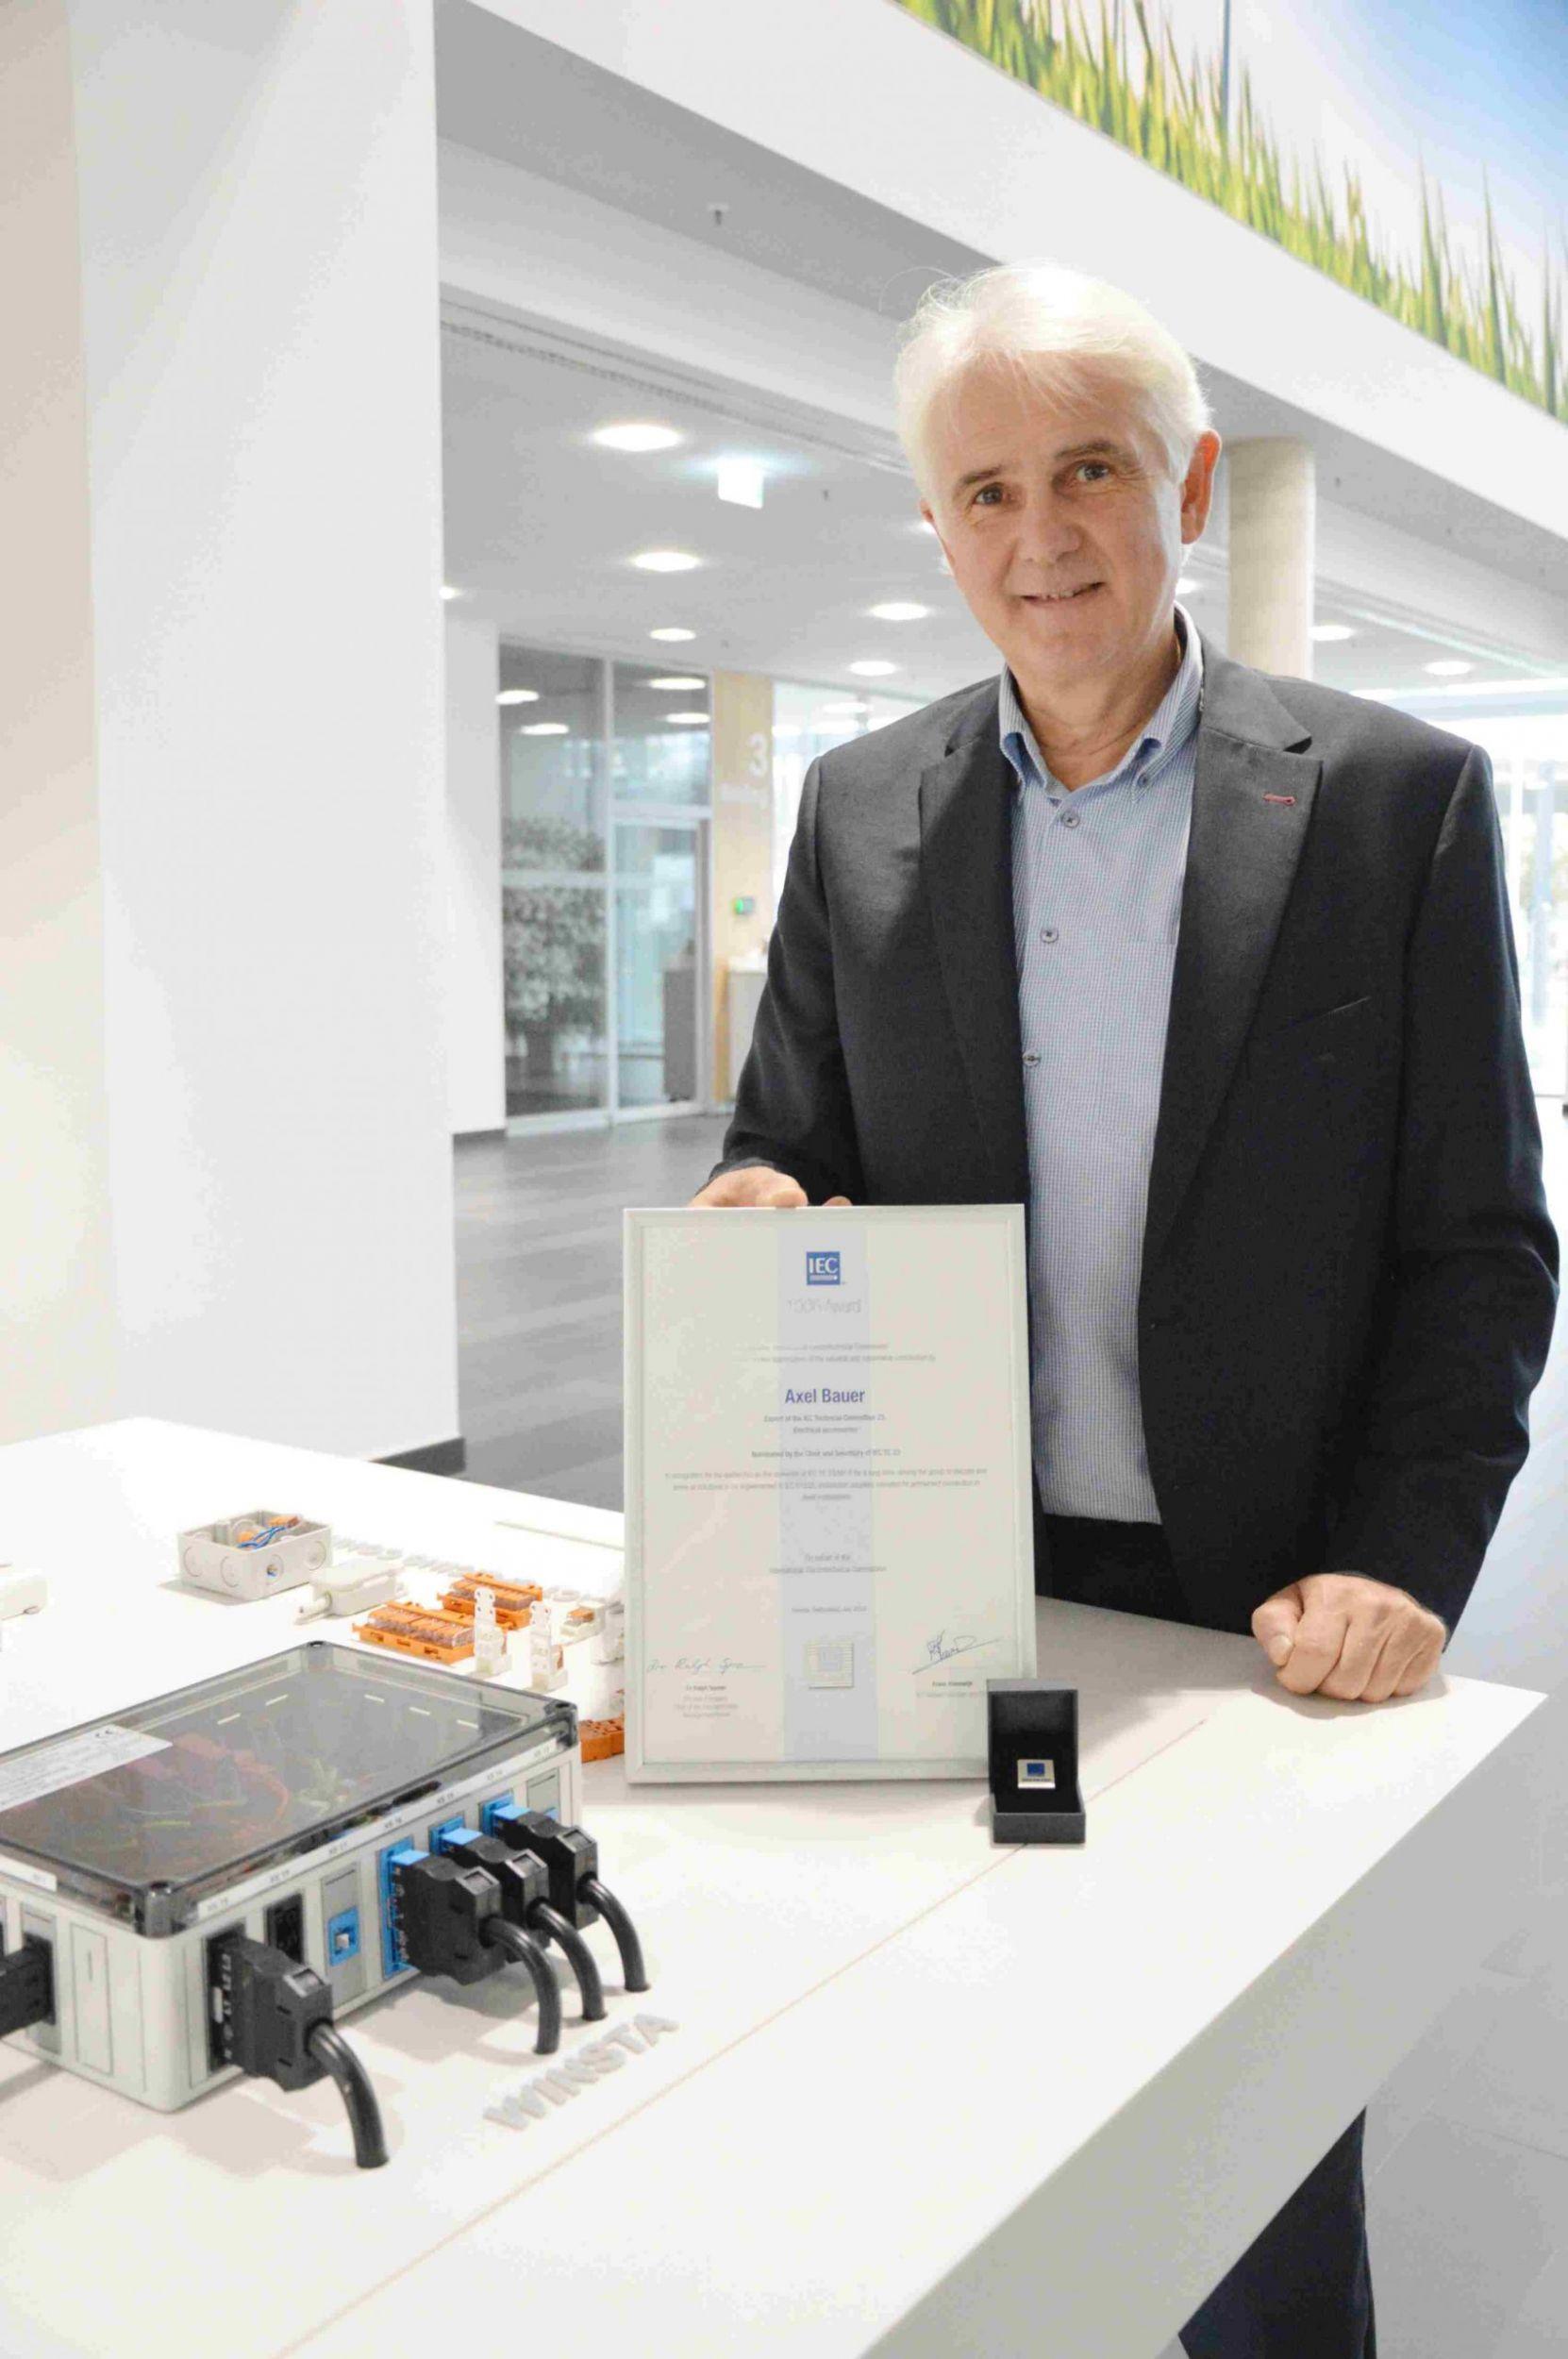 Normungsarbeit auf hohem Niveau: Axel Bauer erhält dritten IEC Award